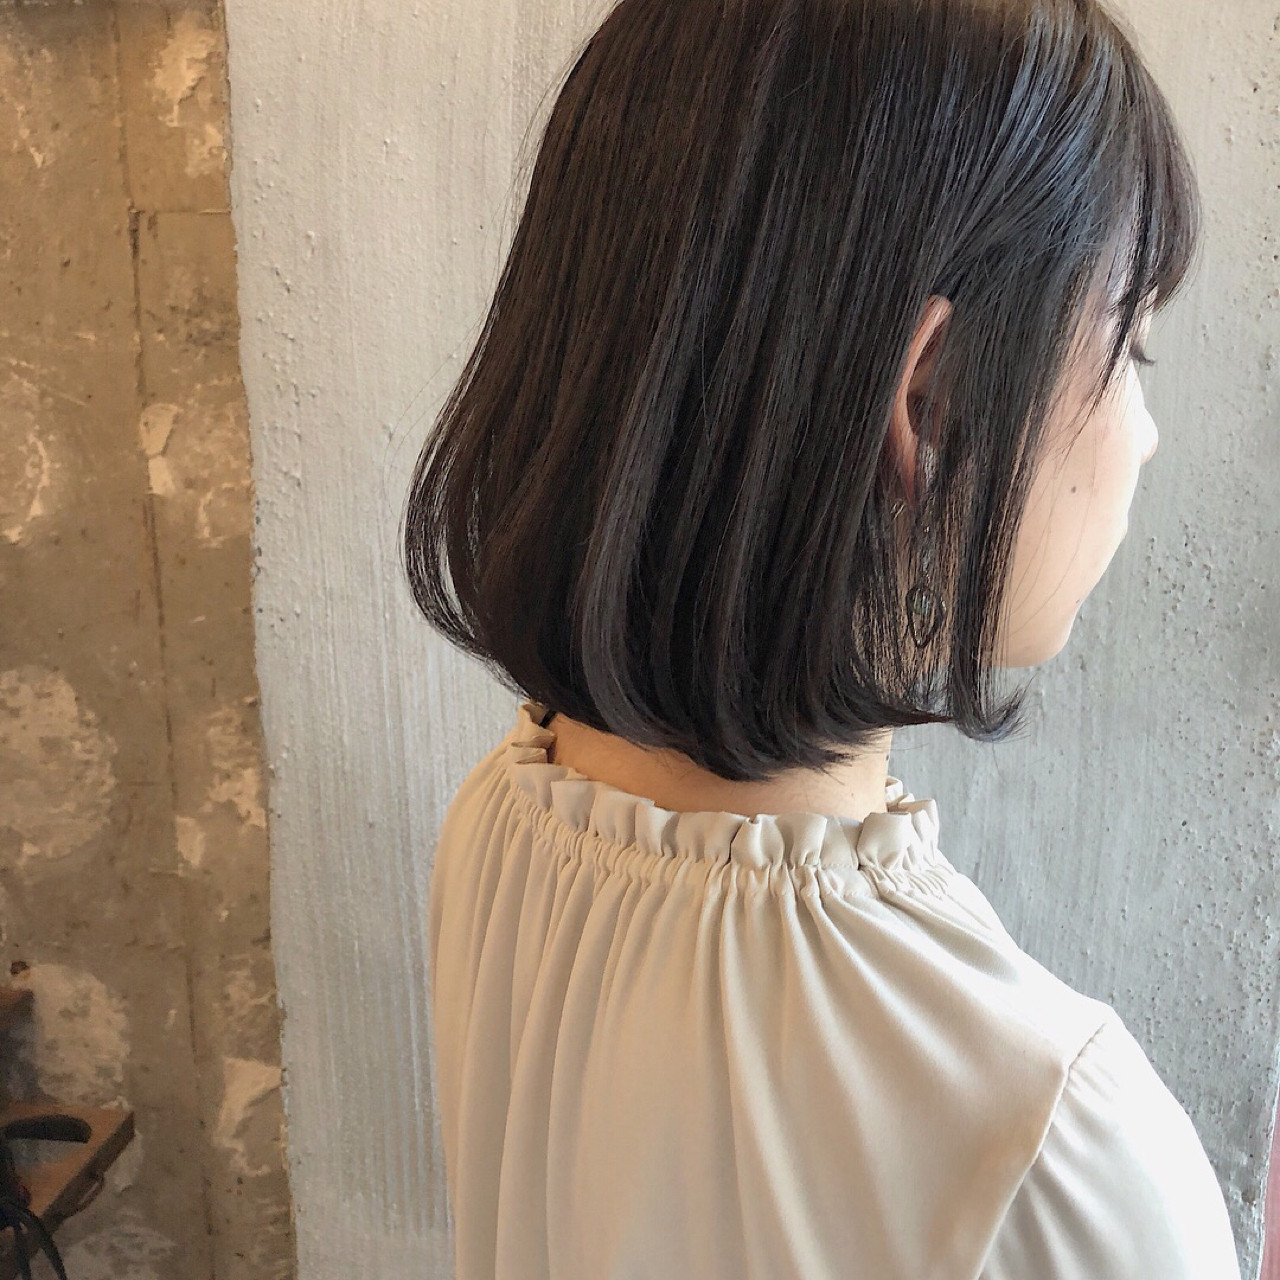 透明感 くすみカラー ボブ 外国人風カラー ヘアスタイルや髪型の写真・画像